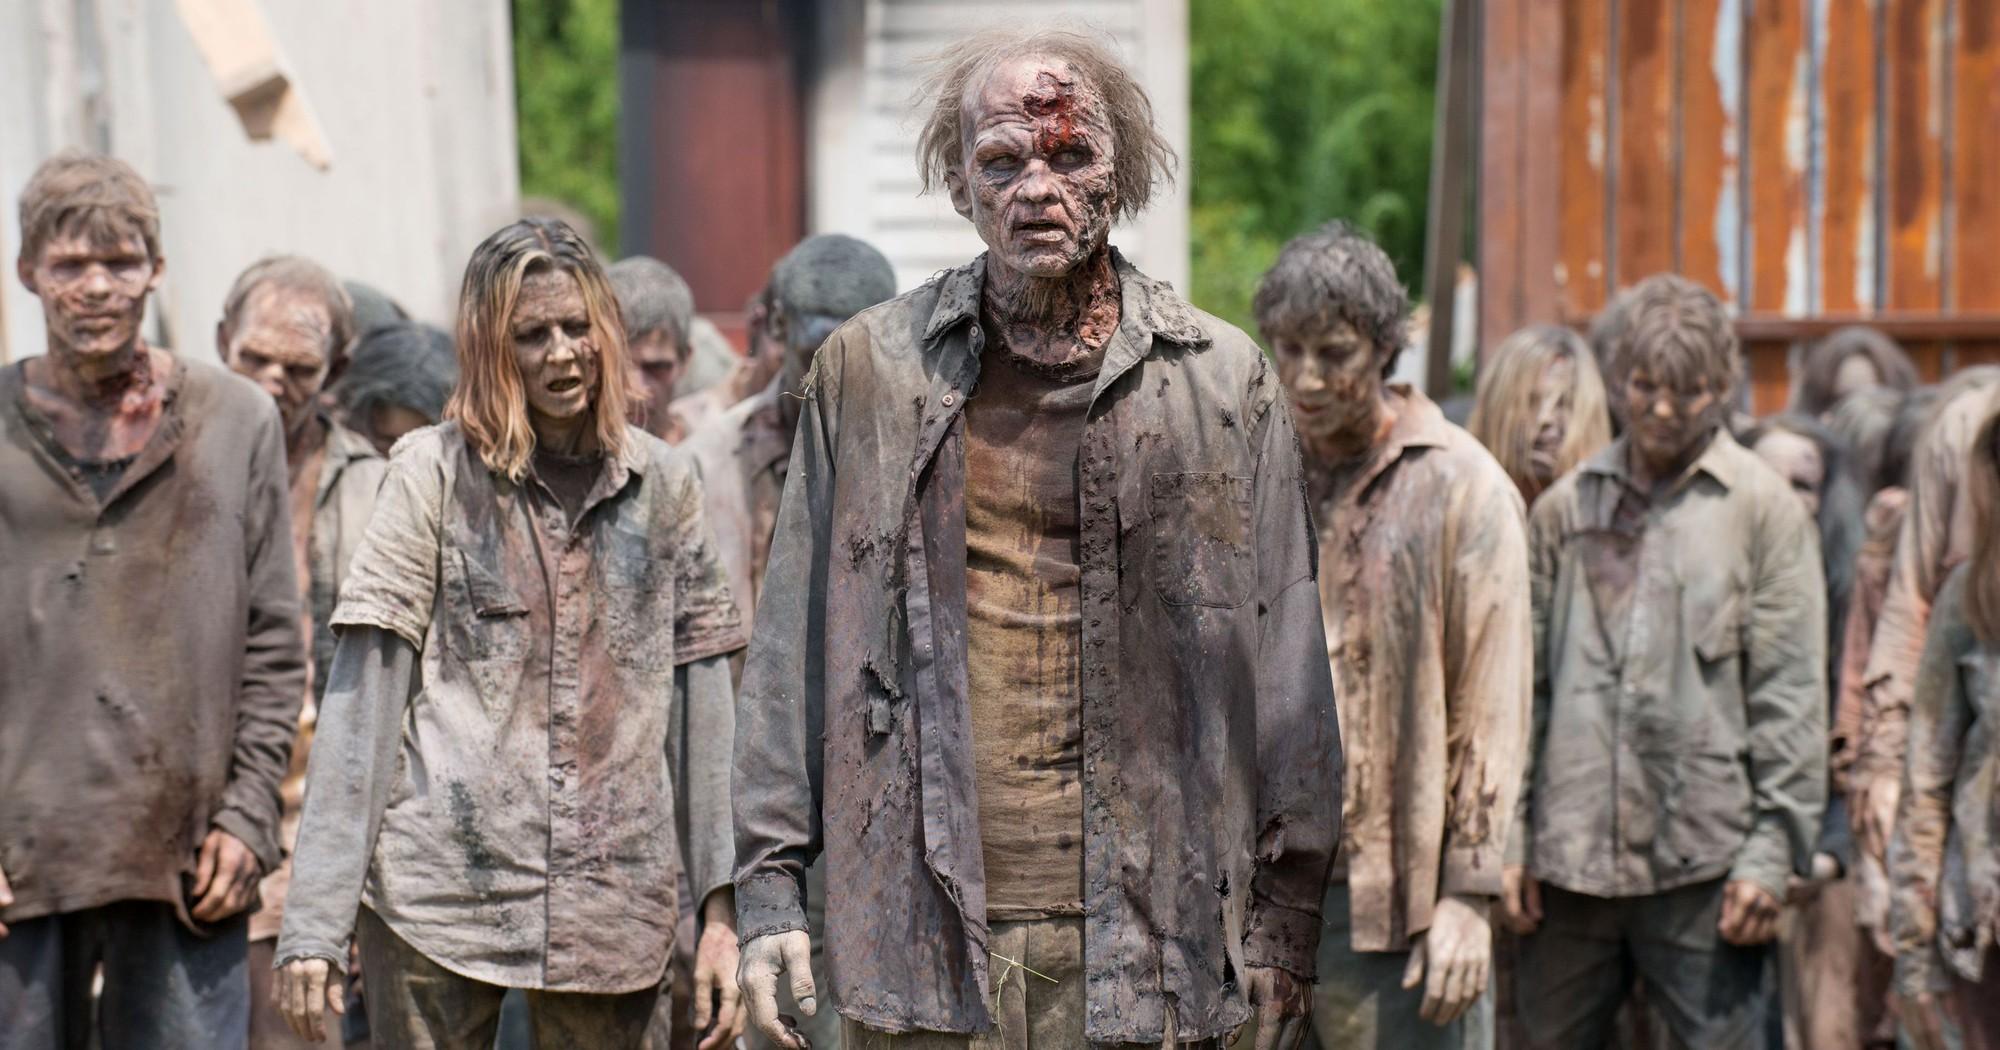 Những hình ảnh của zombie xuất hiện trong cuộc sống